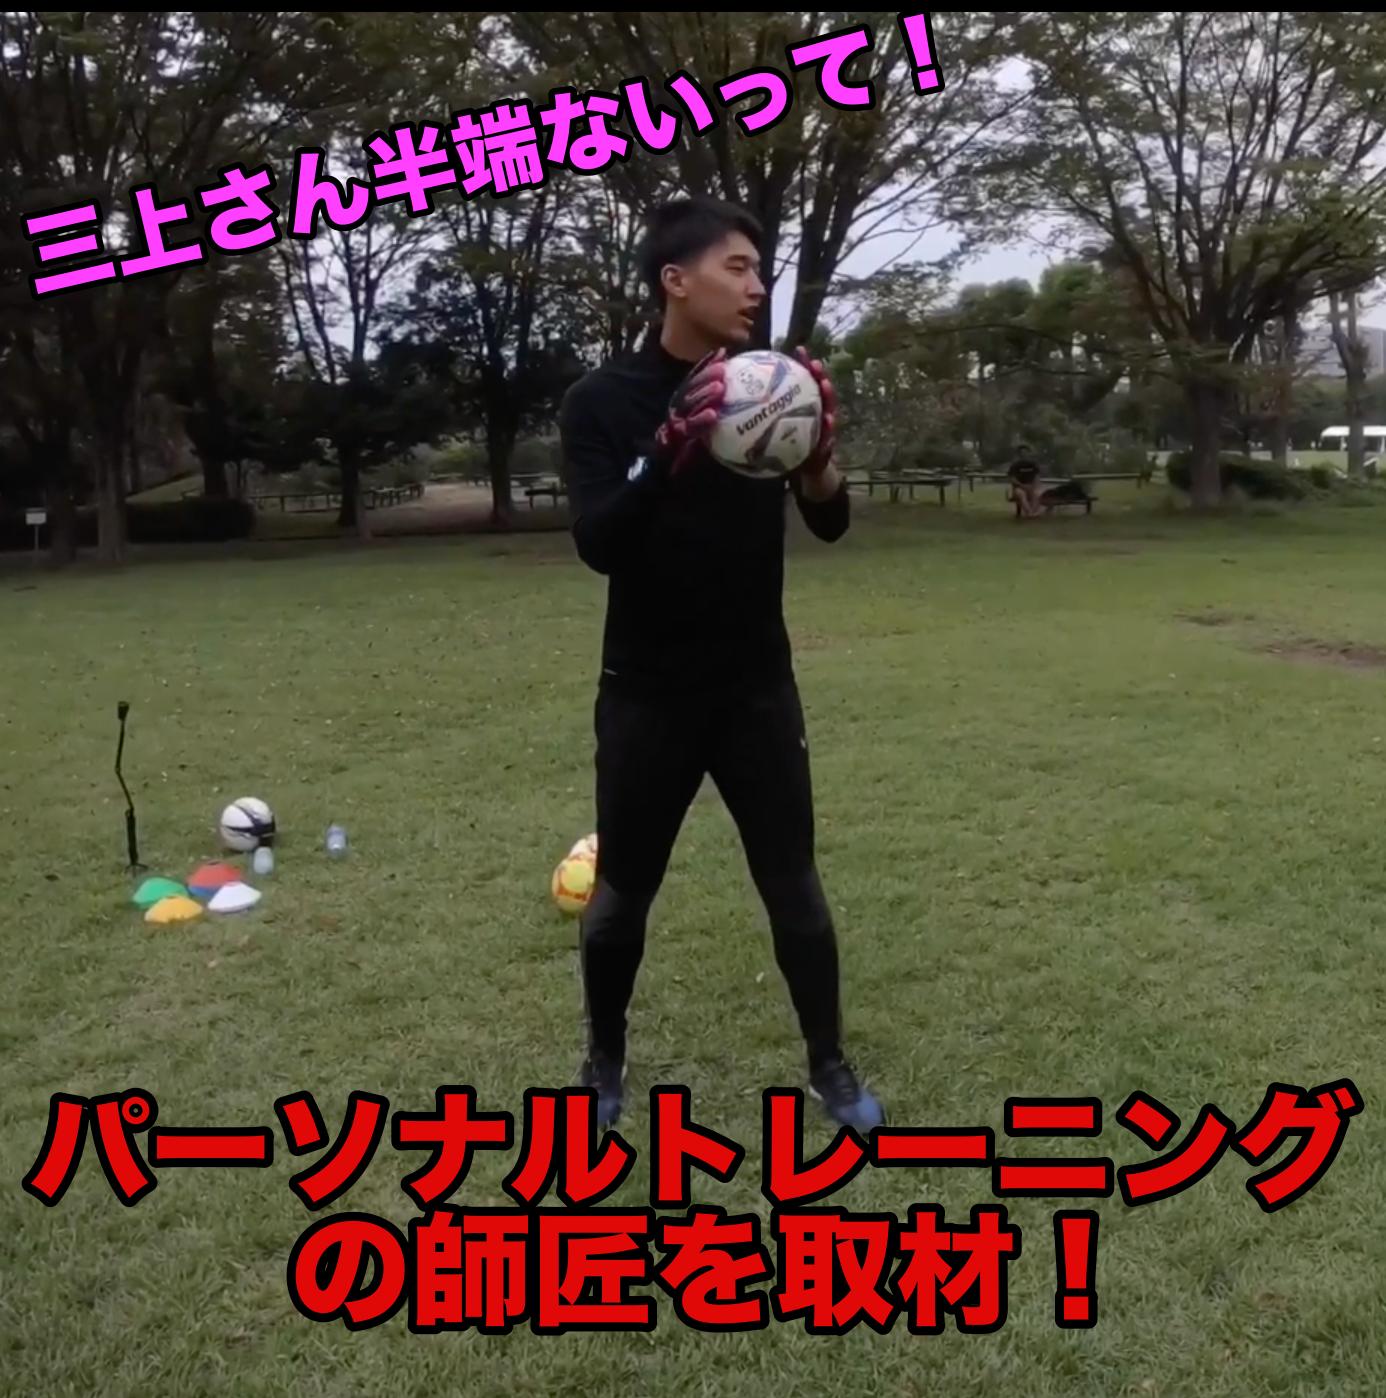 大人気三上綾太さんのパーソナルトレーニングを再び取材!今回の選手はなんと長野から!?